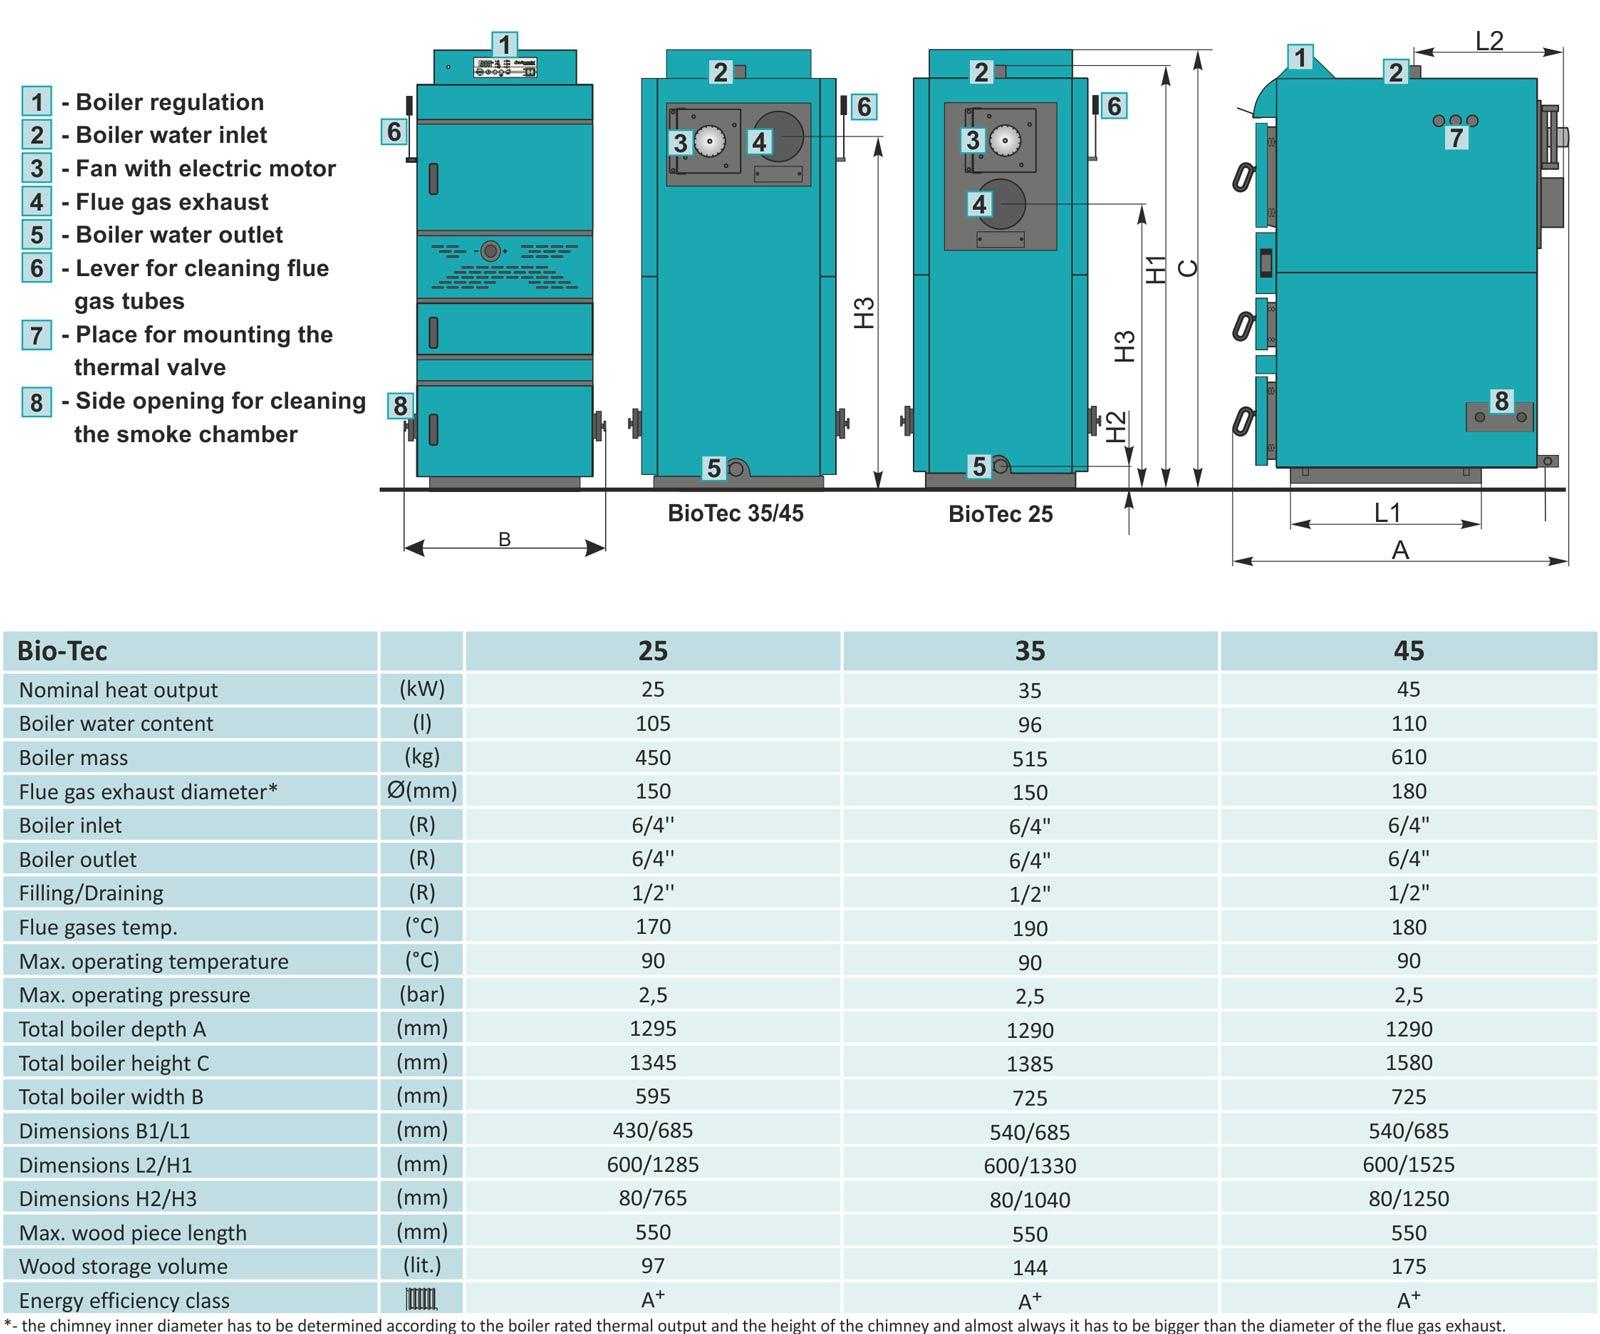 Bio-Tec (25 / 35 / 45 kW) - Centrometal | TEHNIKA GRIJANJA